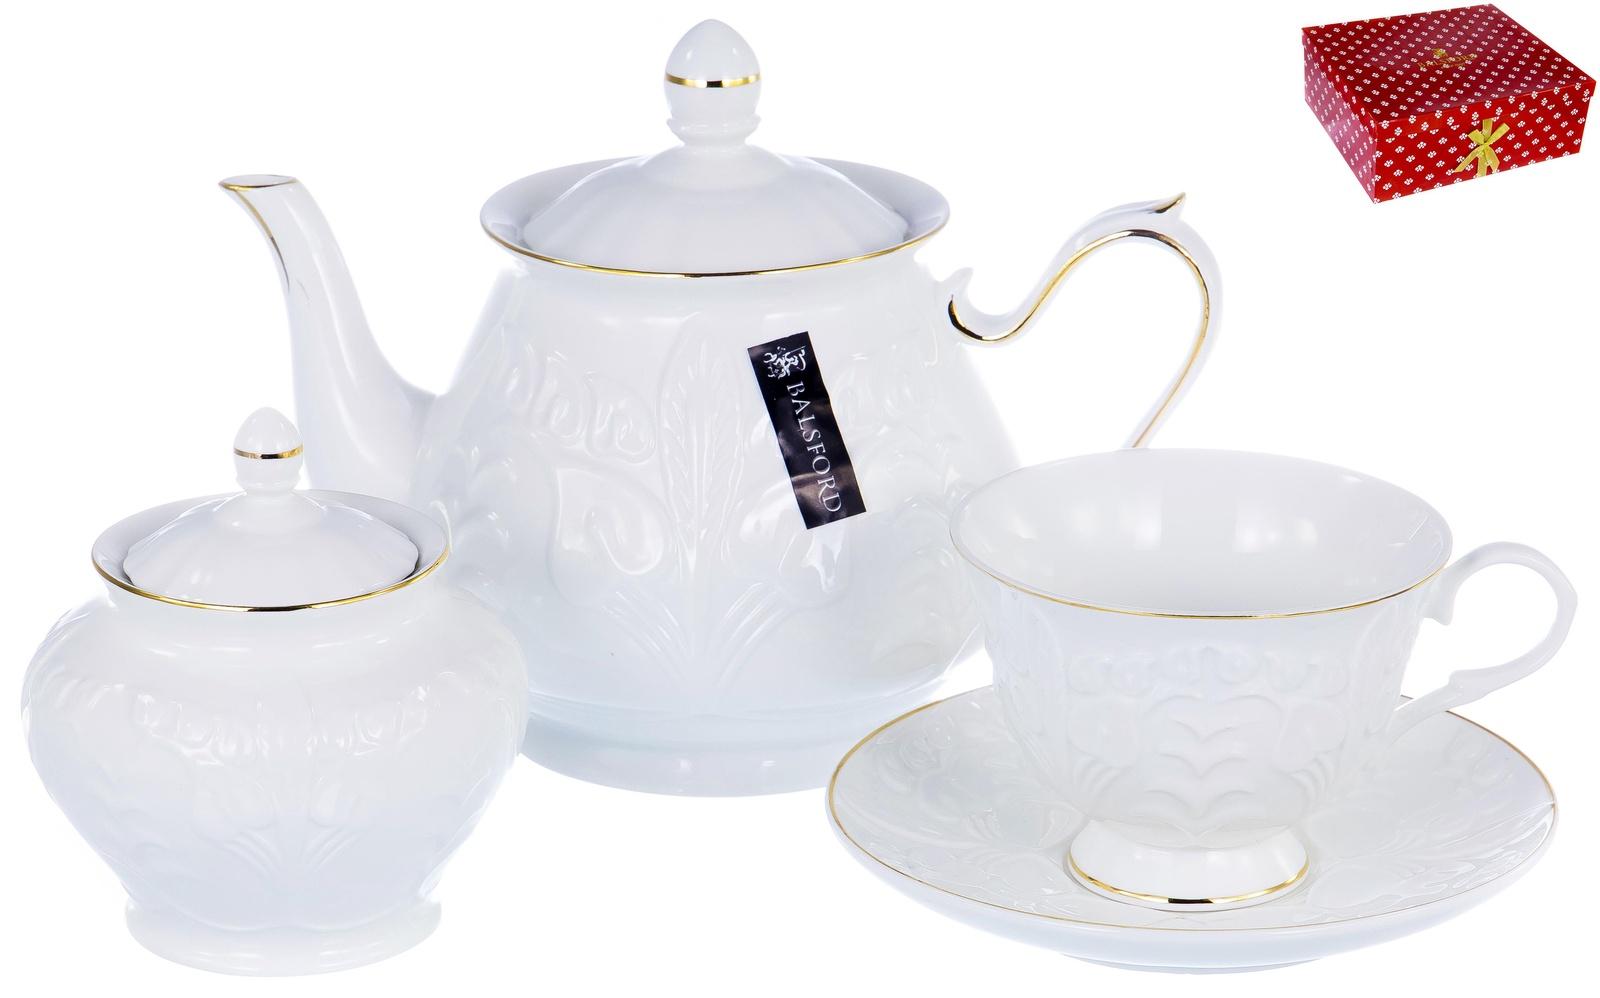 Набор чайный ГРАЦИЯ, серия Актея, 6 чашек 220мл, 6 блюдец,чайник с крышкой 1000мл, сахарница с крышкой 400мл, NEW BONE CHINA, белый рельефный рисунок с золотом, прямоугольная подарочная упаковка с окном и бантом, ТМ Balsford, артикул 101-30014